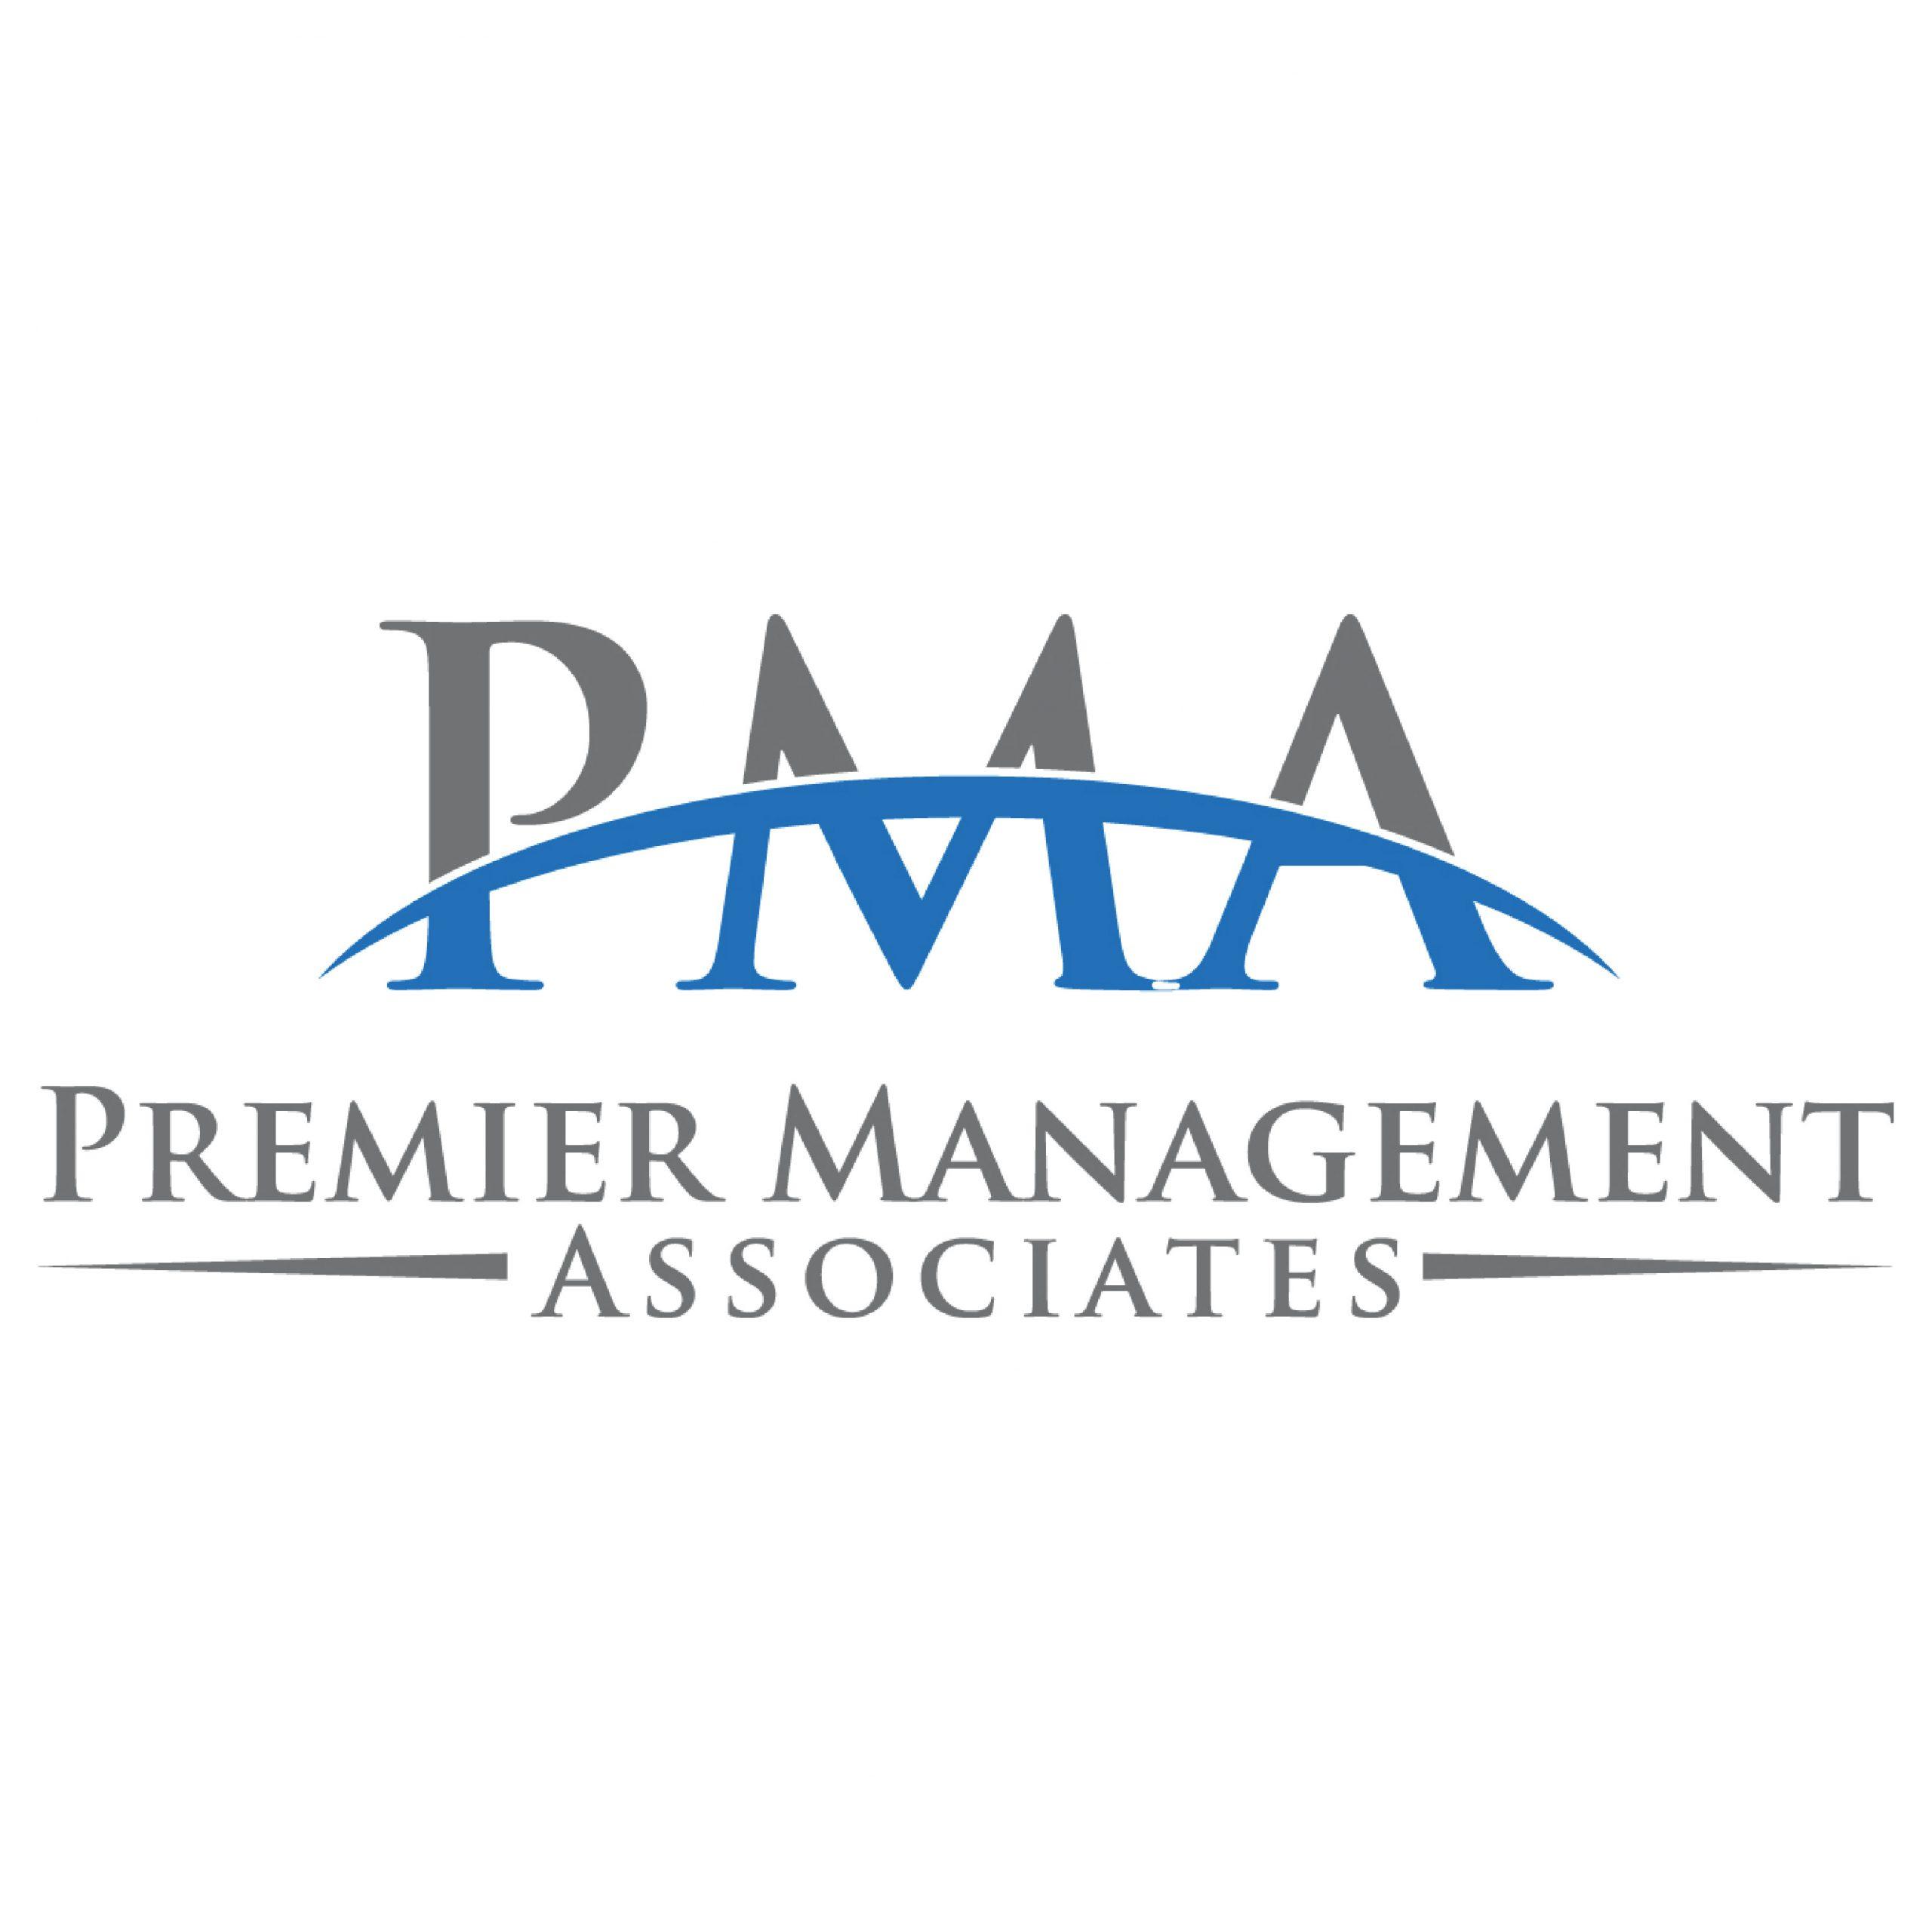 Premier Management Associates